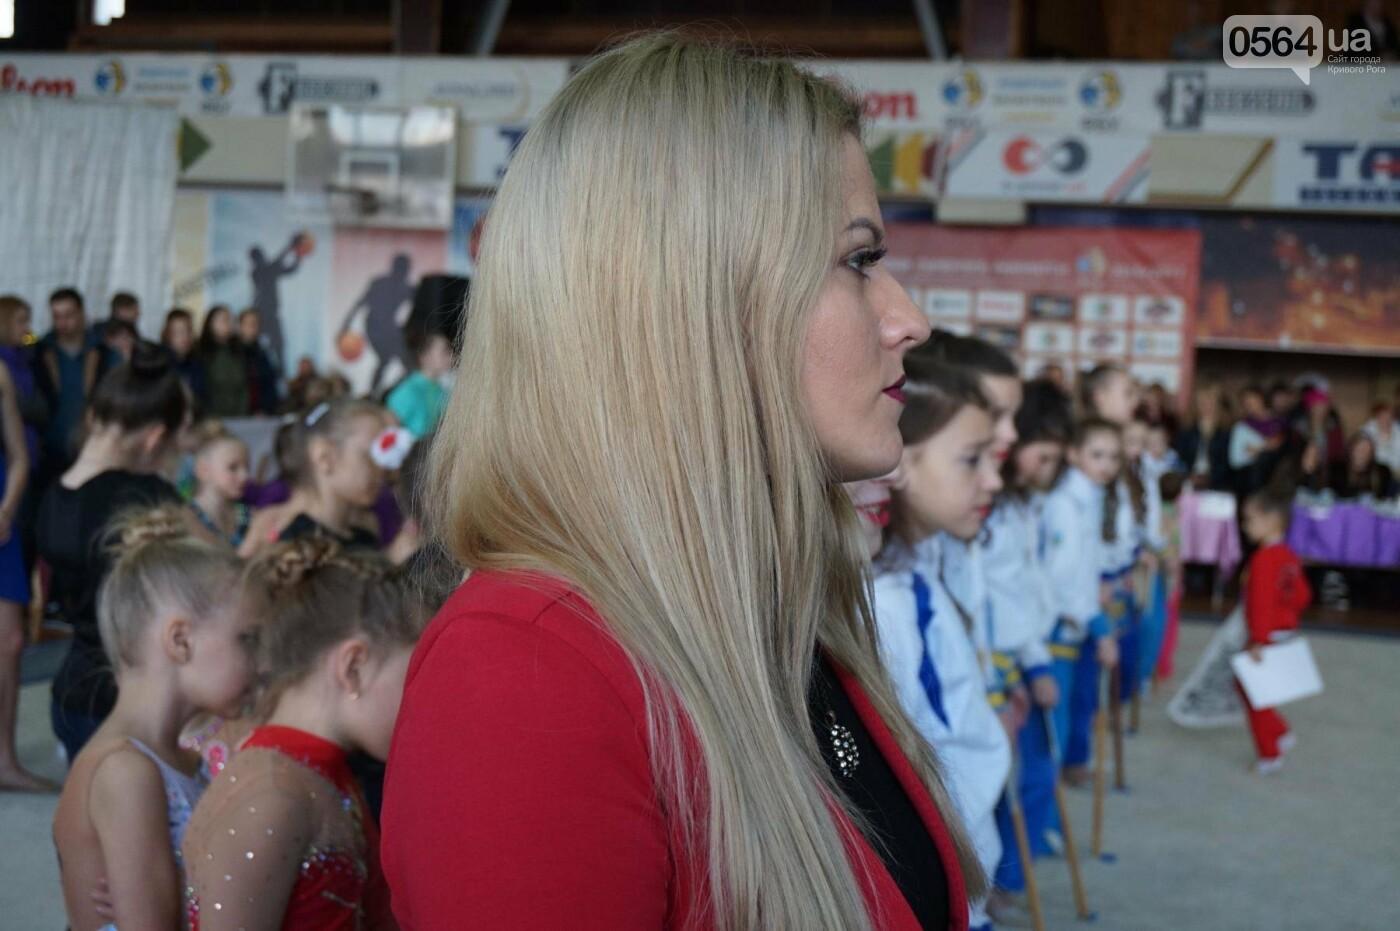 Праздник красоты и грации состоялся в Кривом Роге (ФОТО), фото-35